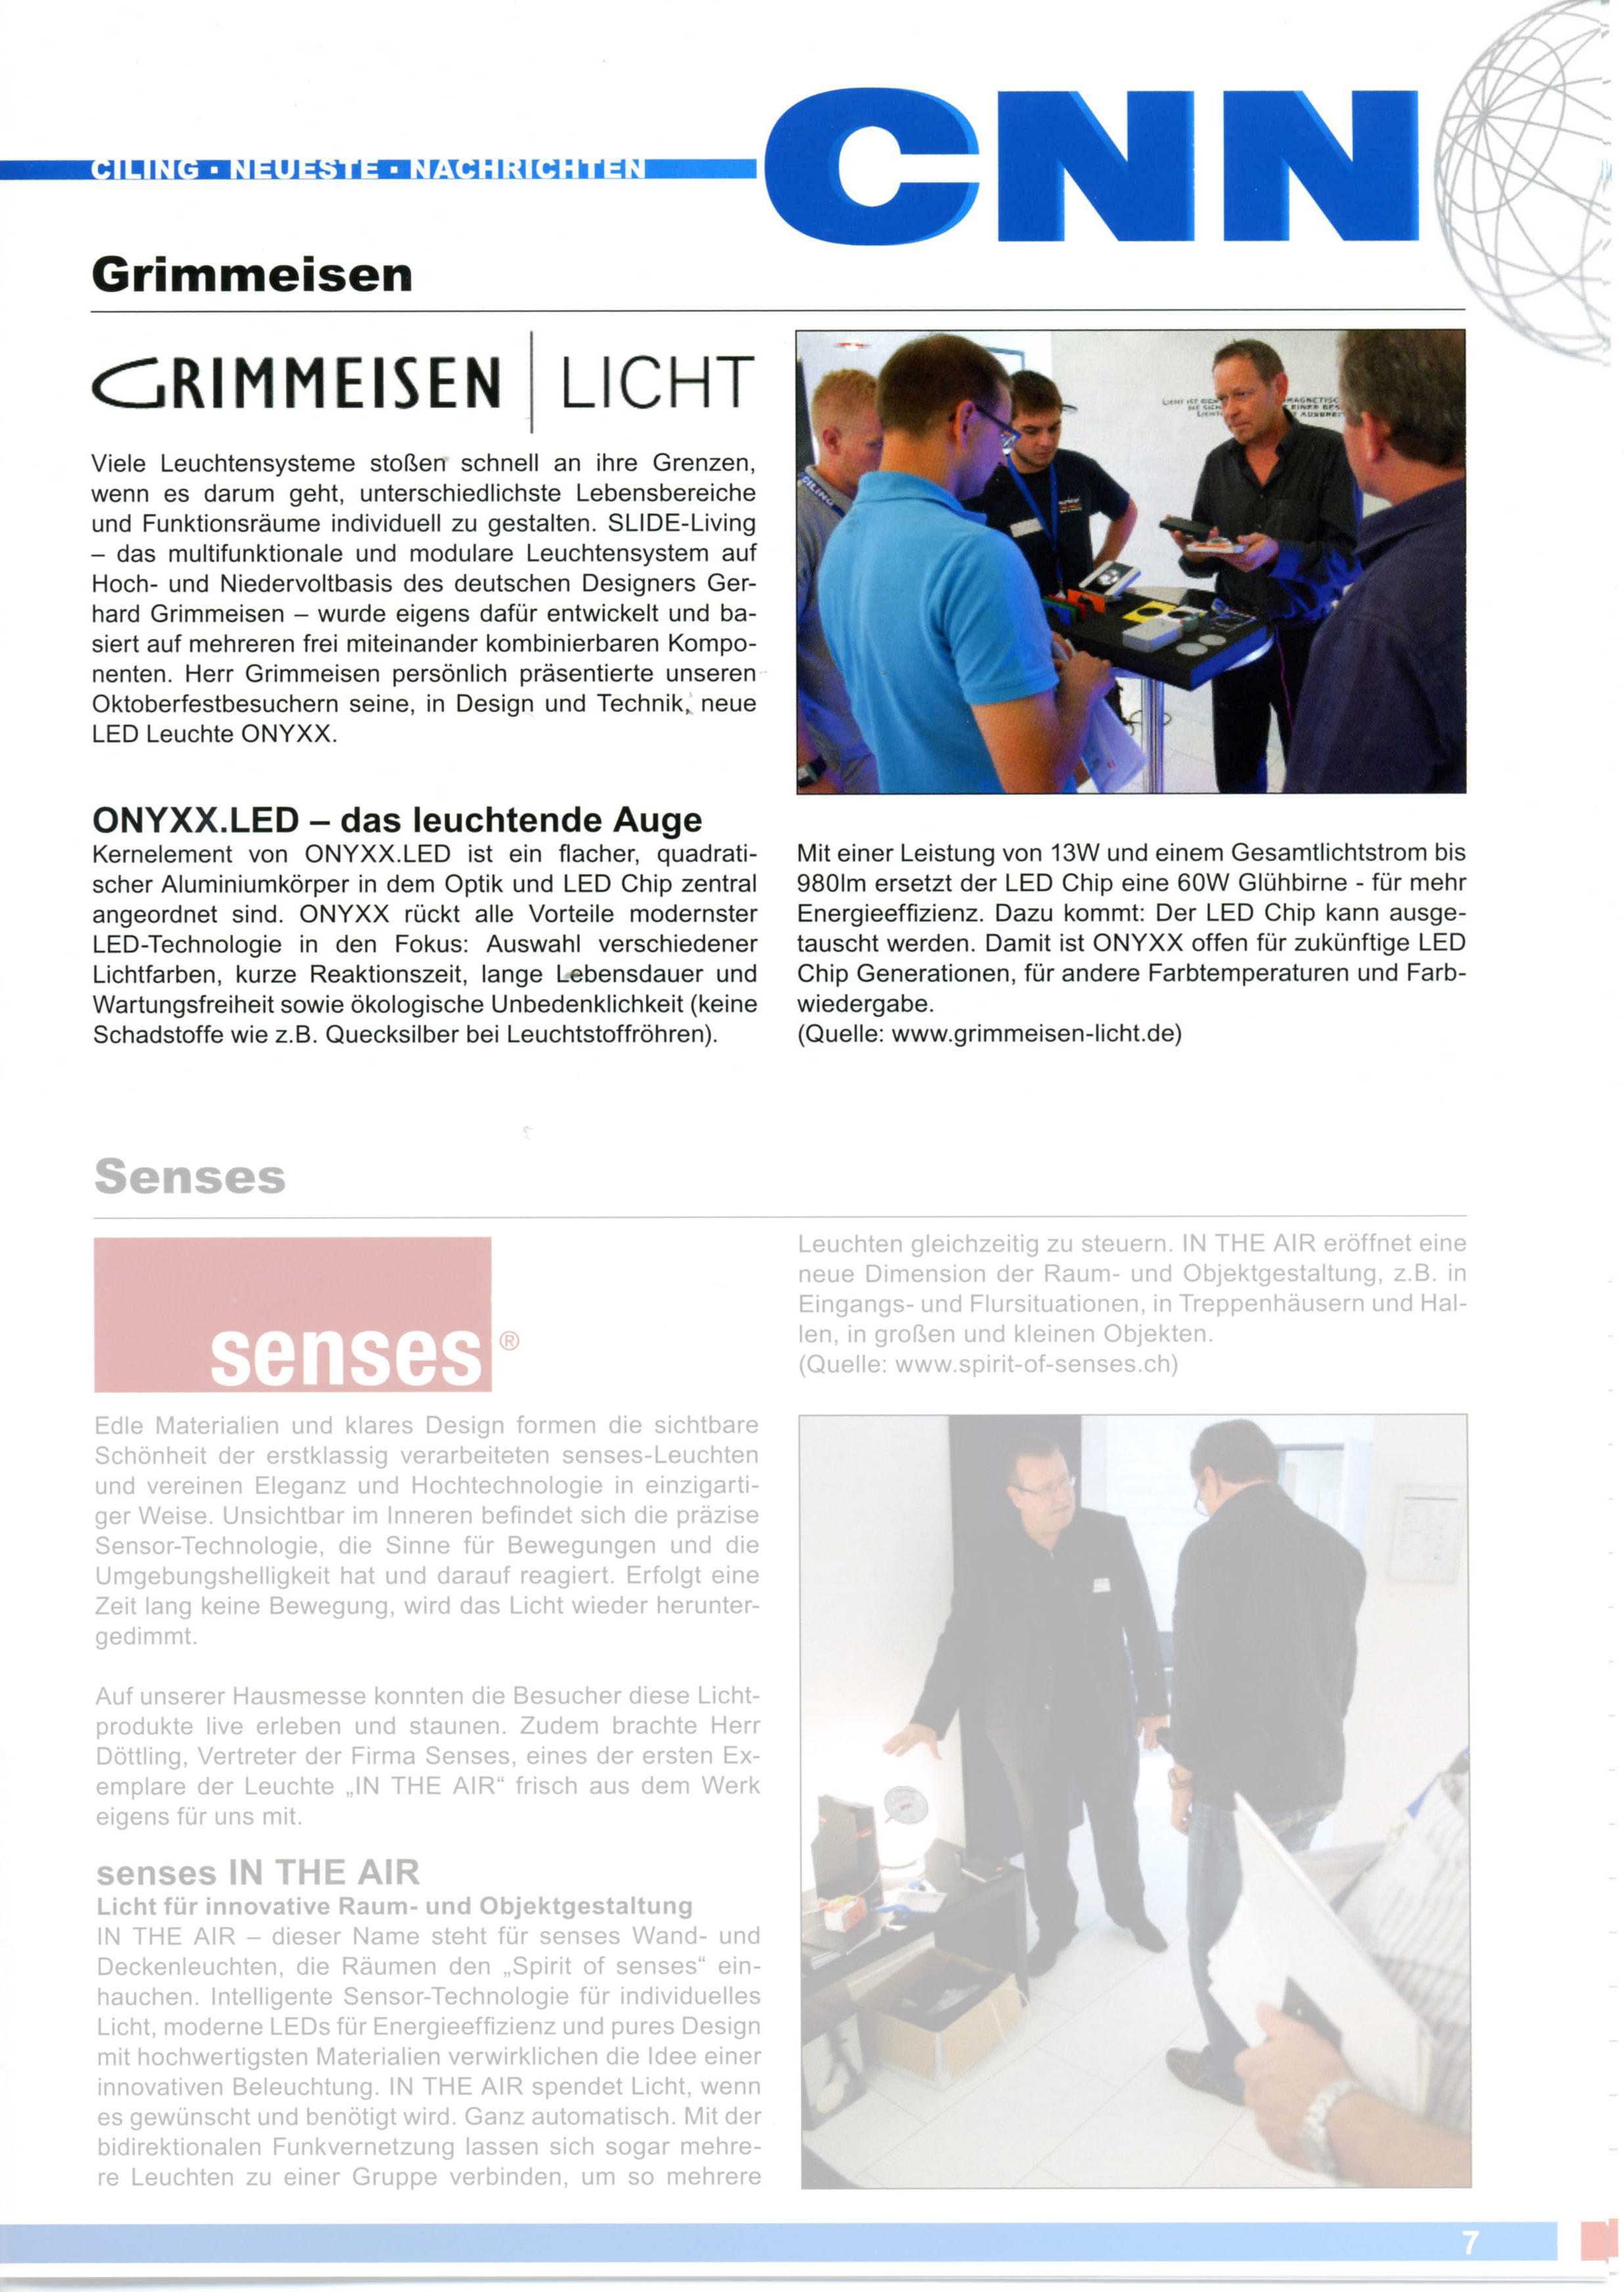 Len Und Leuchten Dortmund unternehmen grimmeisen licht